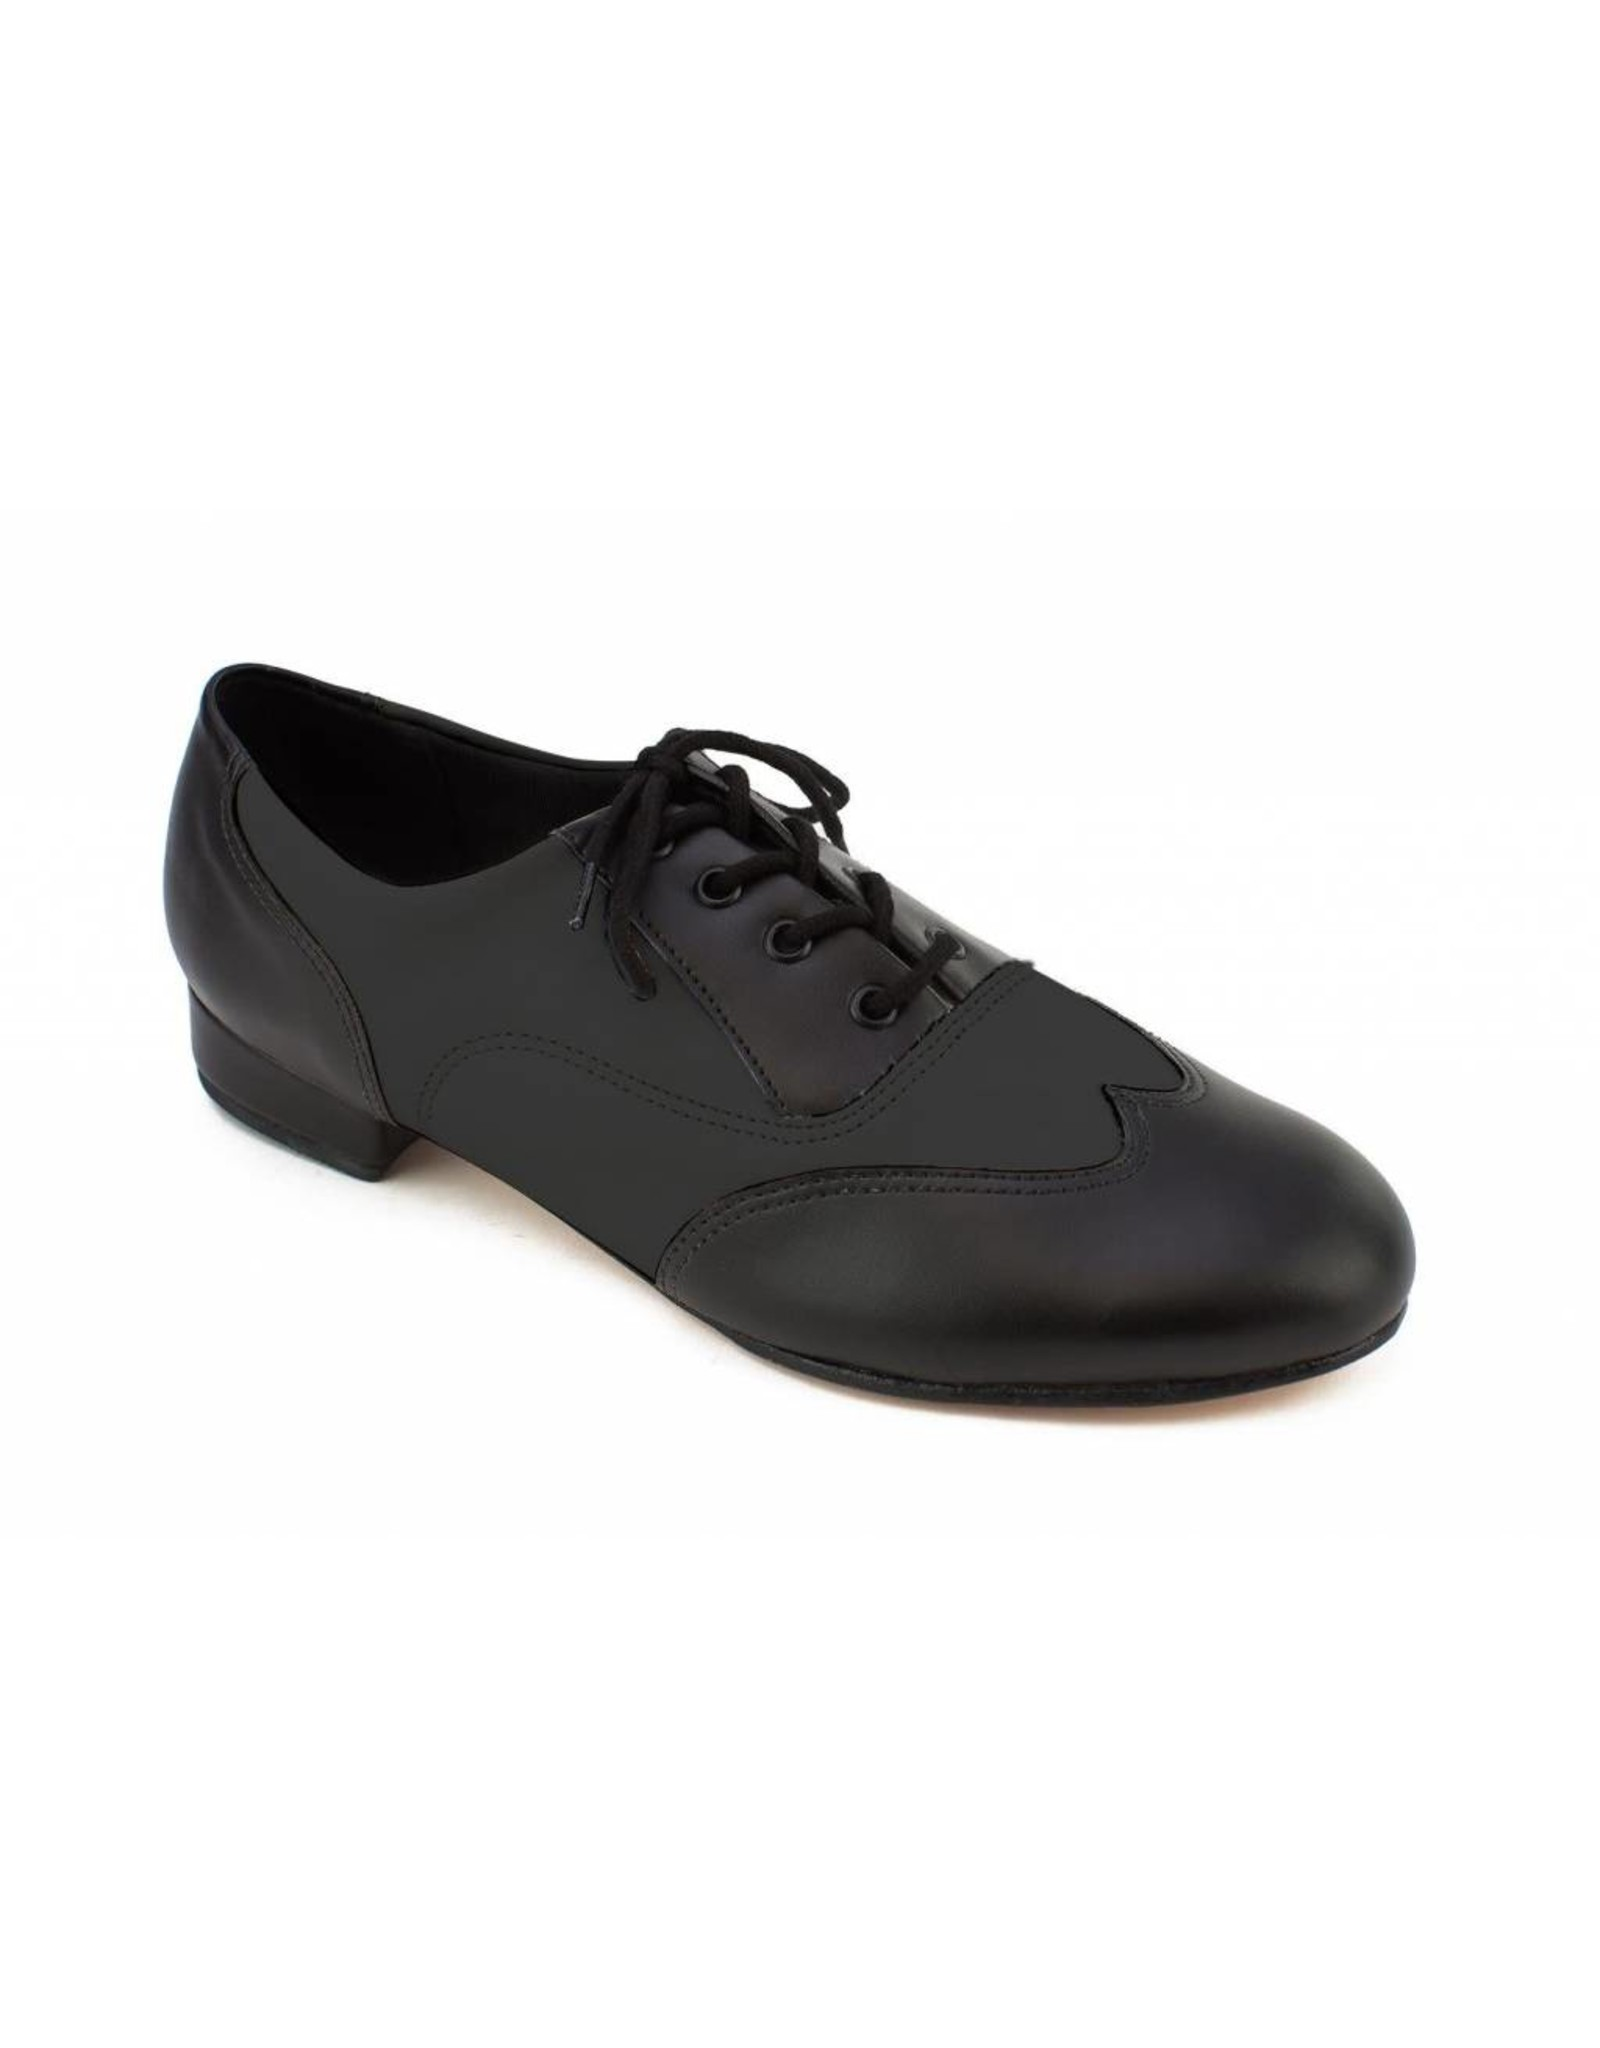 SoDanća CH95 Swing Shoe w/ leather sole BLACK